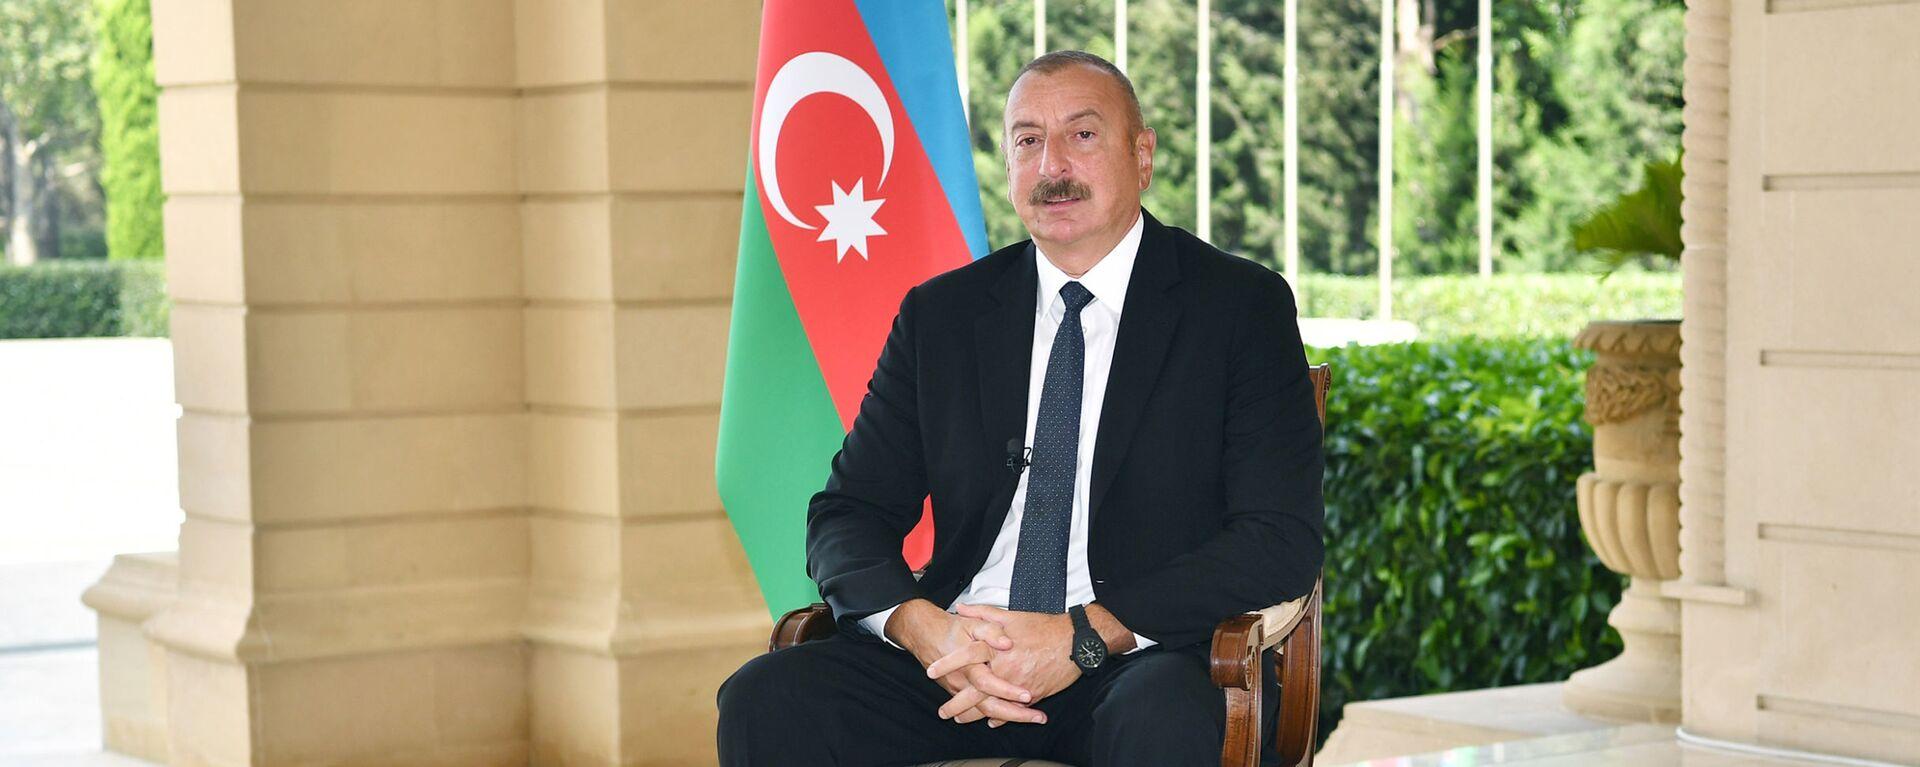 Ильхам Алиев - Sputnik Азербайджан, 1920, 28.09.2021